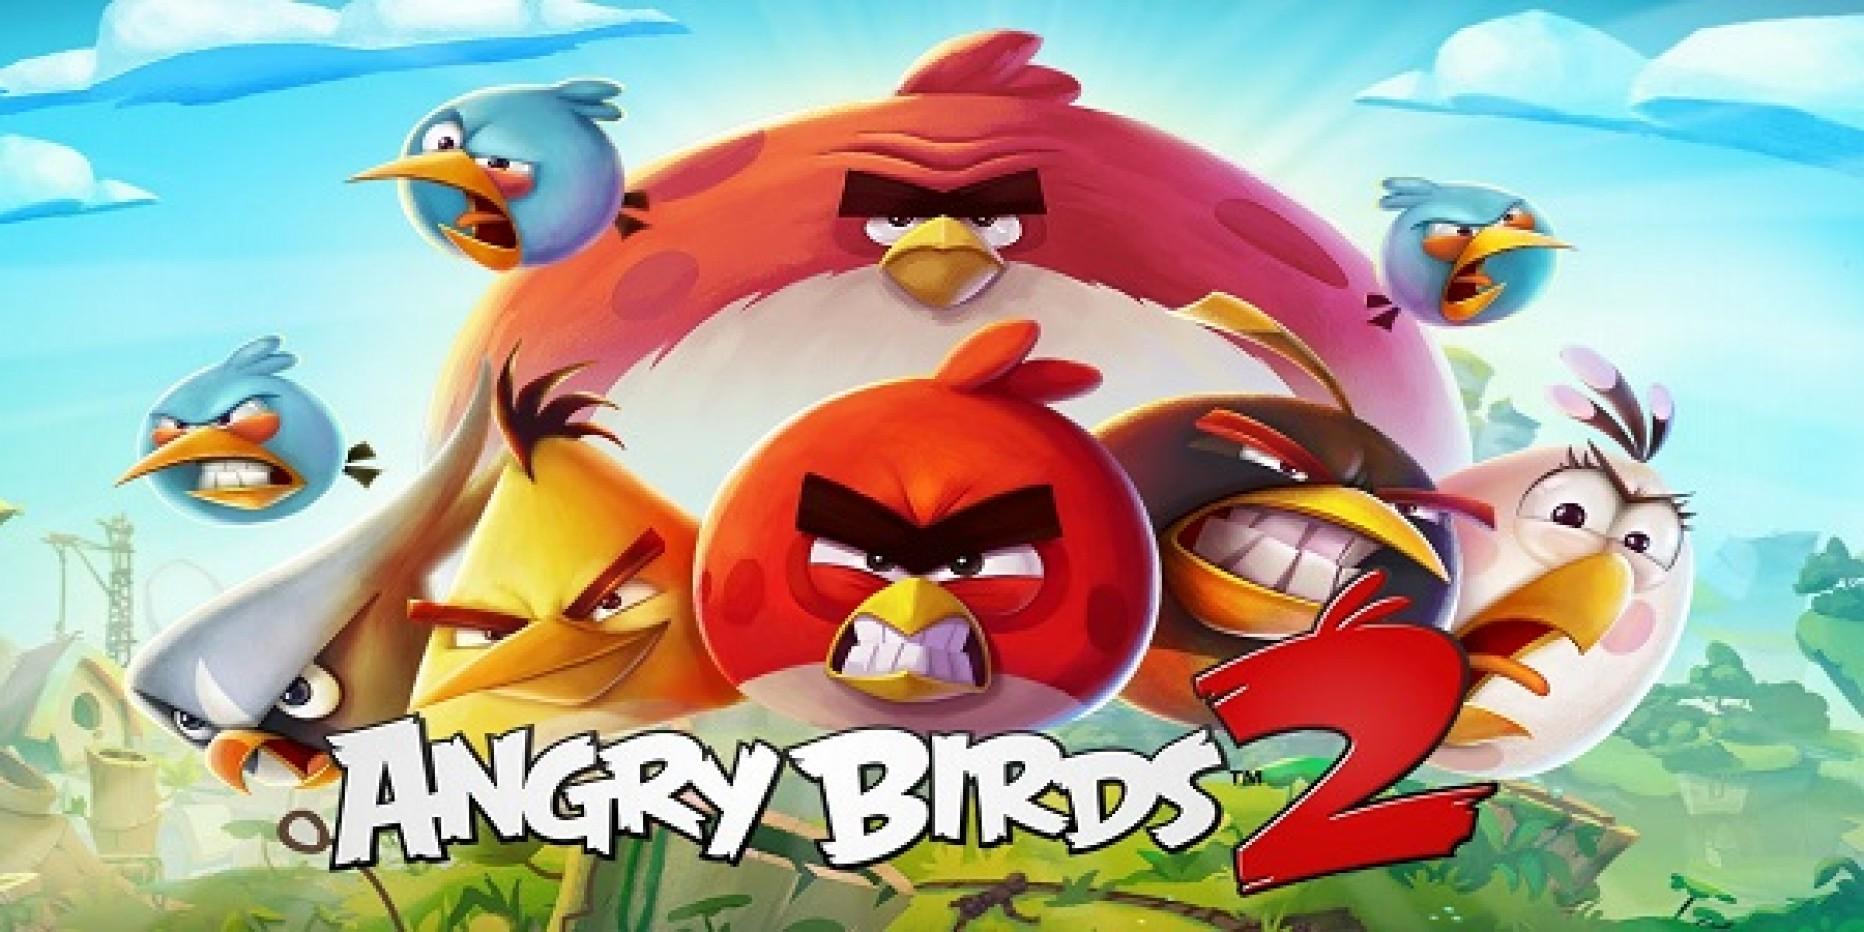 Angry Birds 2 Triche Astuce Gemmes et Perles Illimite Gratuit